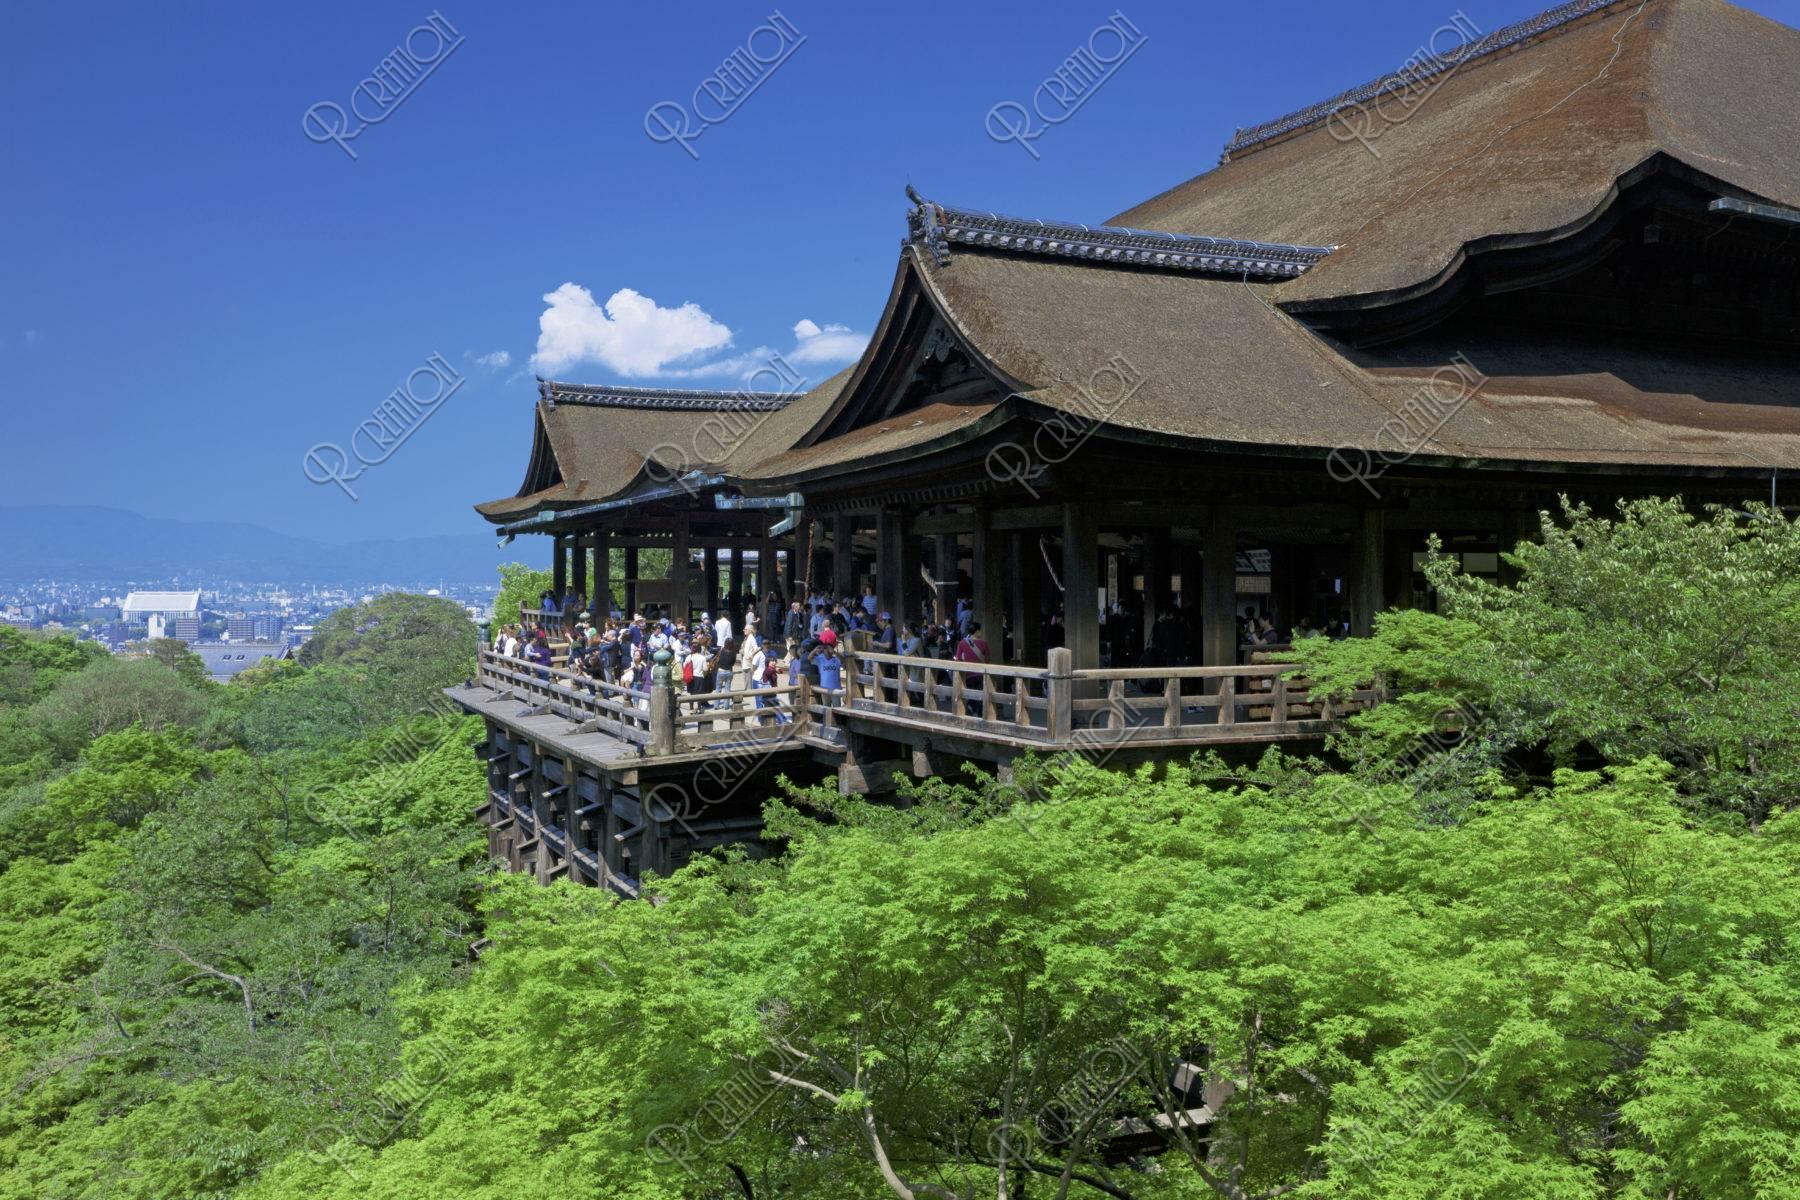 新緑の清水寺本堂と舞台 世界遺産